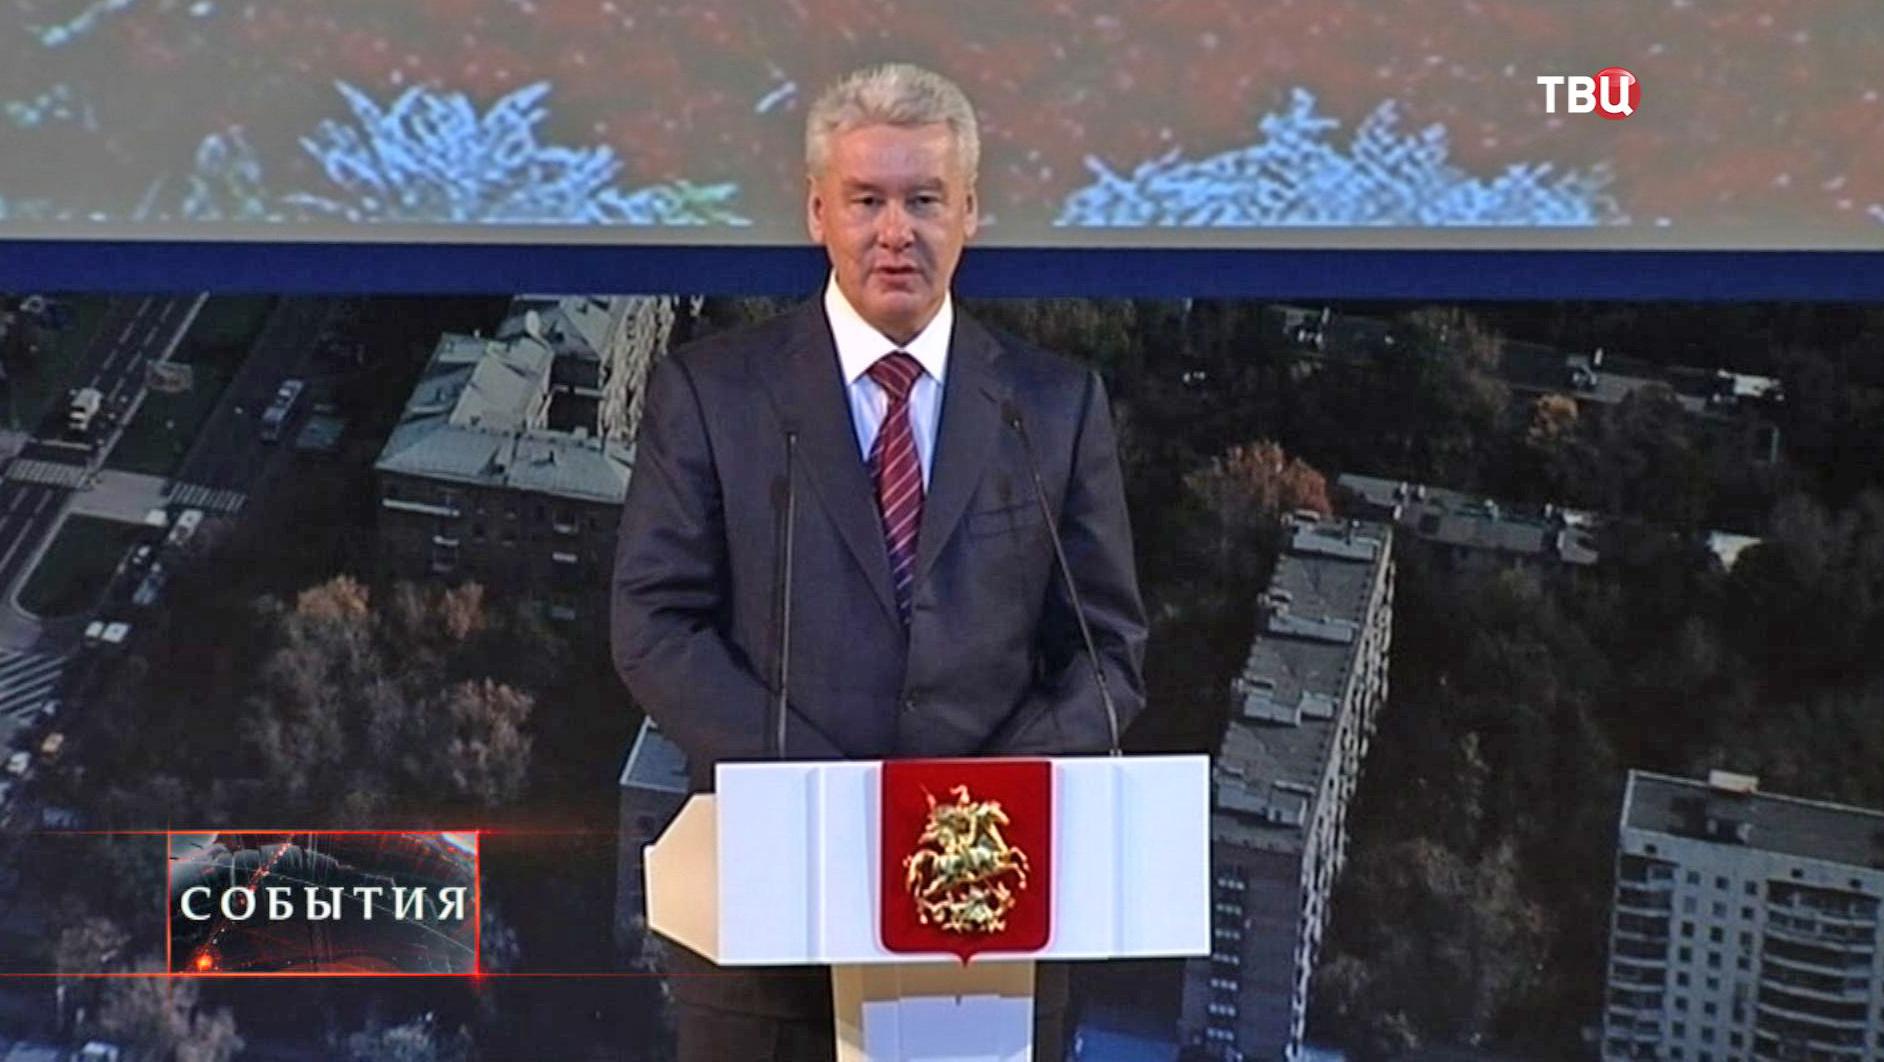 Сергей Собянин поздравляет коммунальщиков с профессиональным праздником